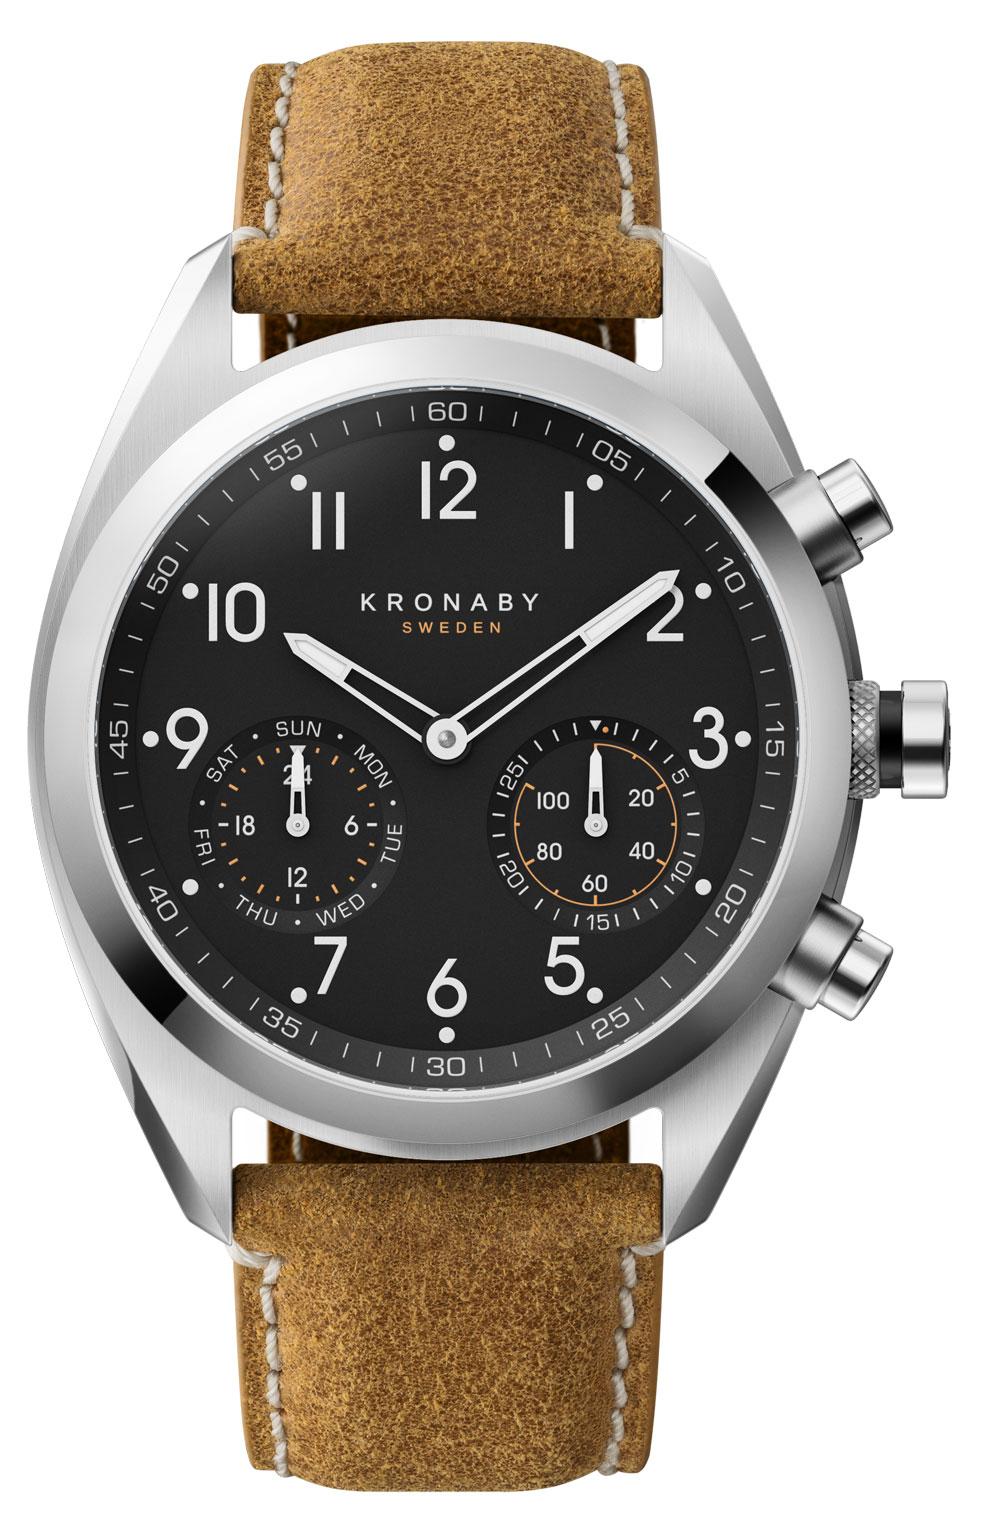 Nuevo reloj Apex de Kronaby con caja de 43 mm